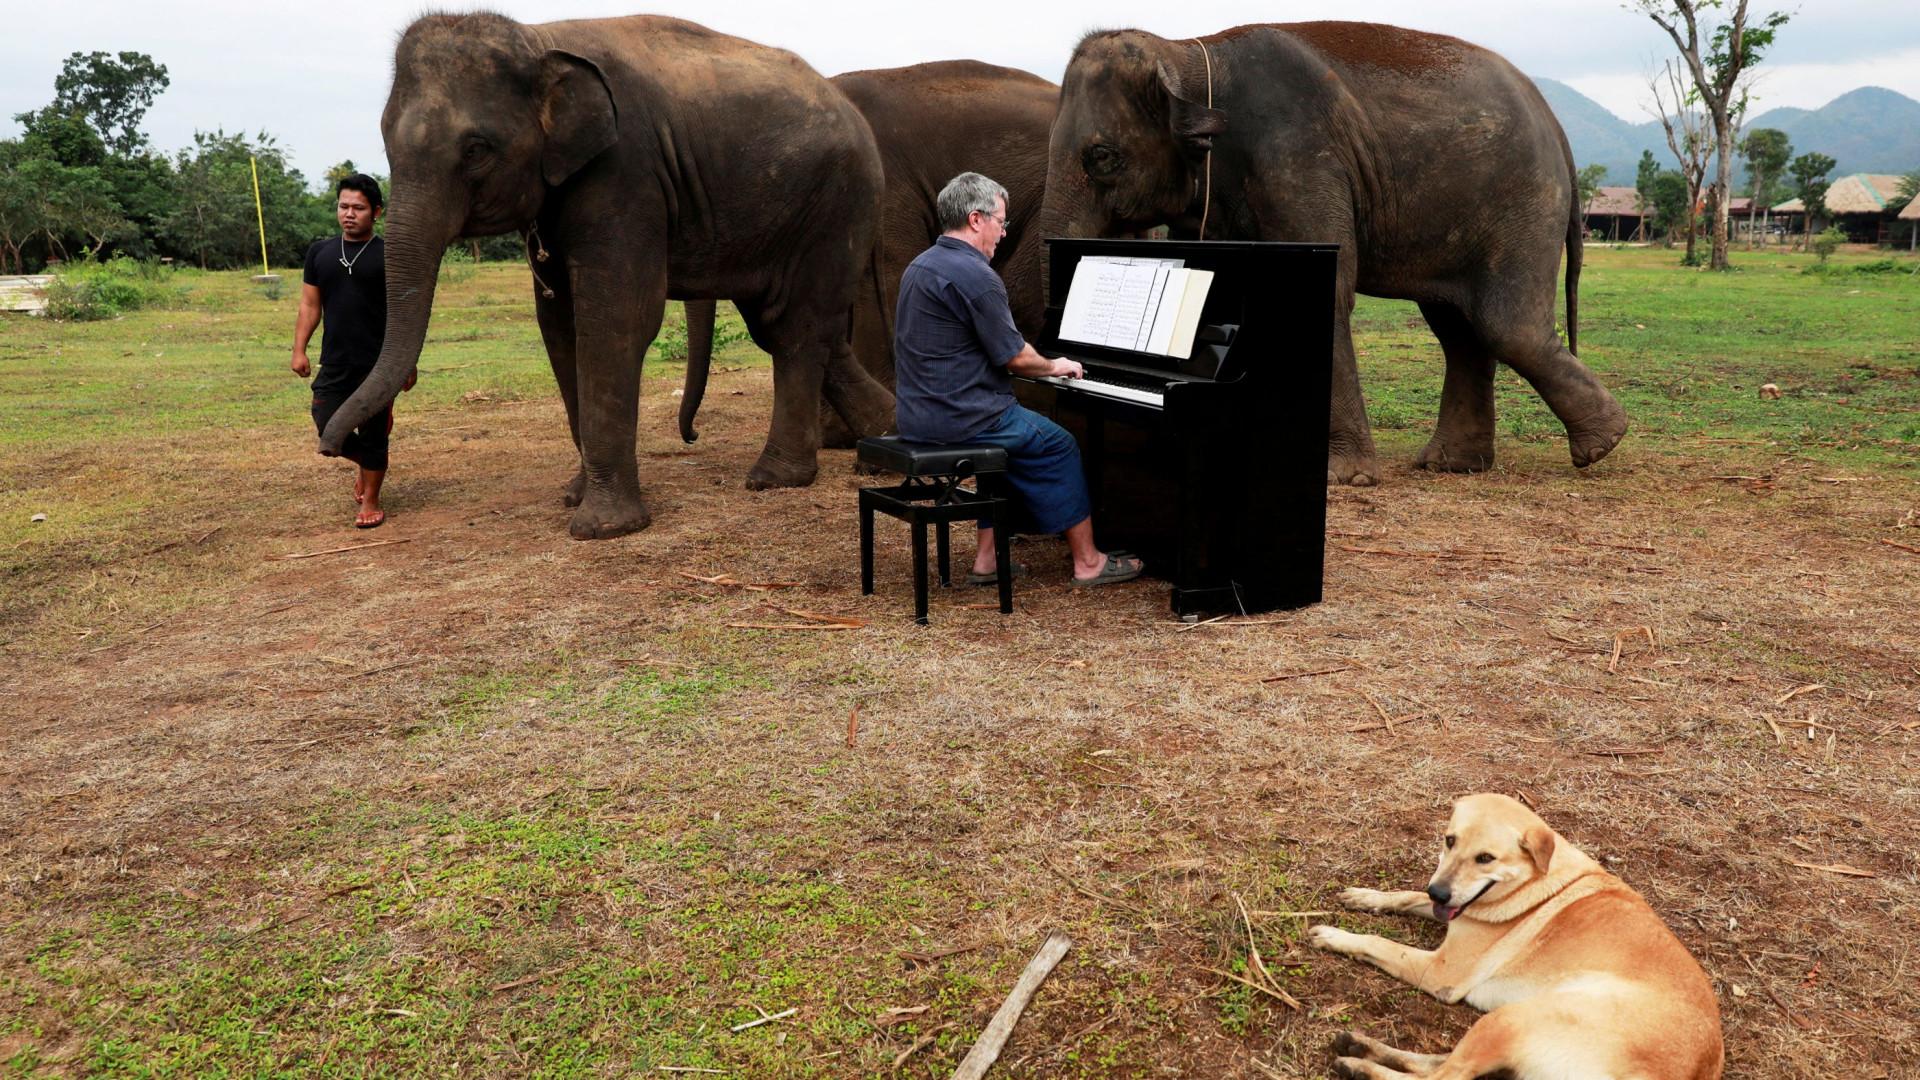 Disse 'adeus' aos palcos para 'dar música' a elefantes que foram abusados